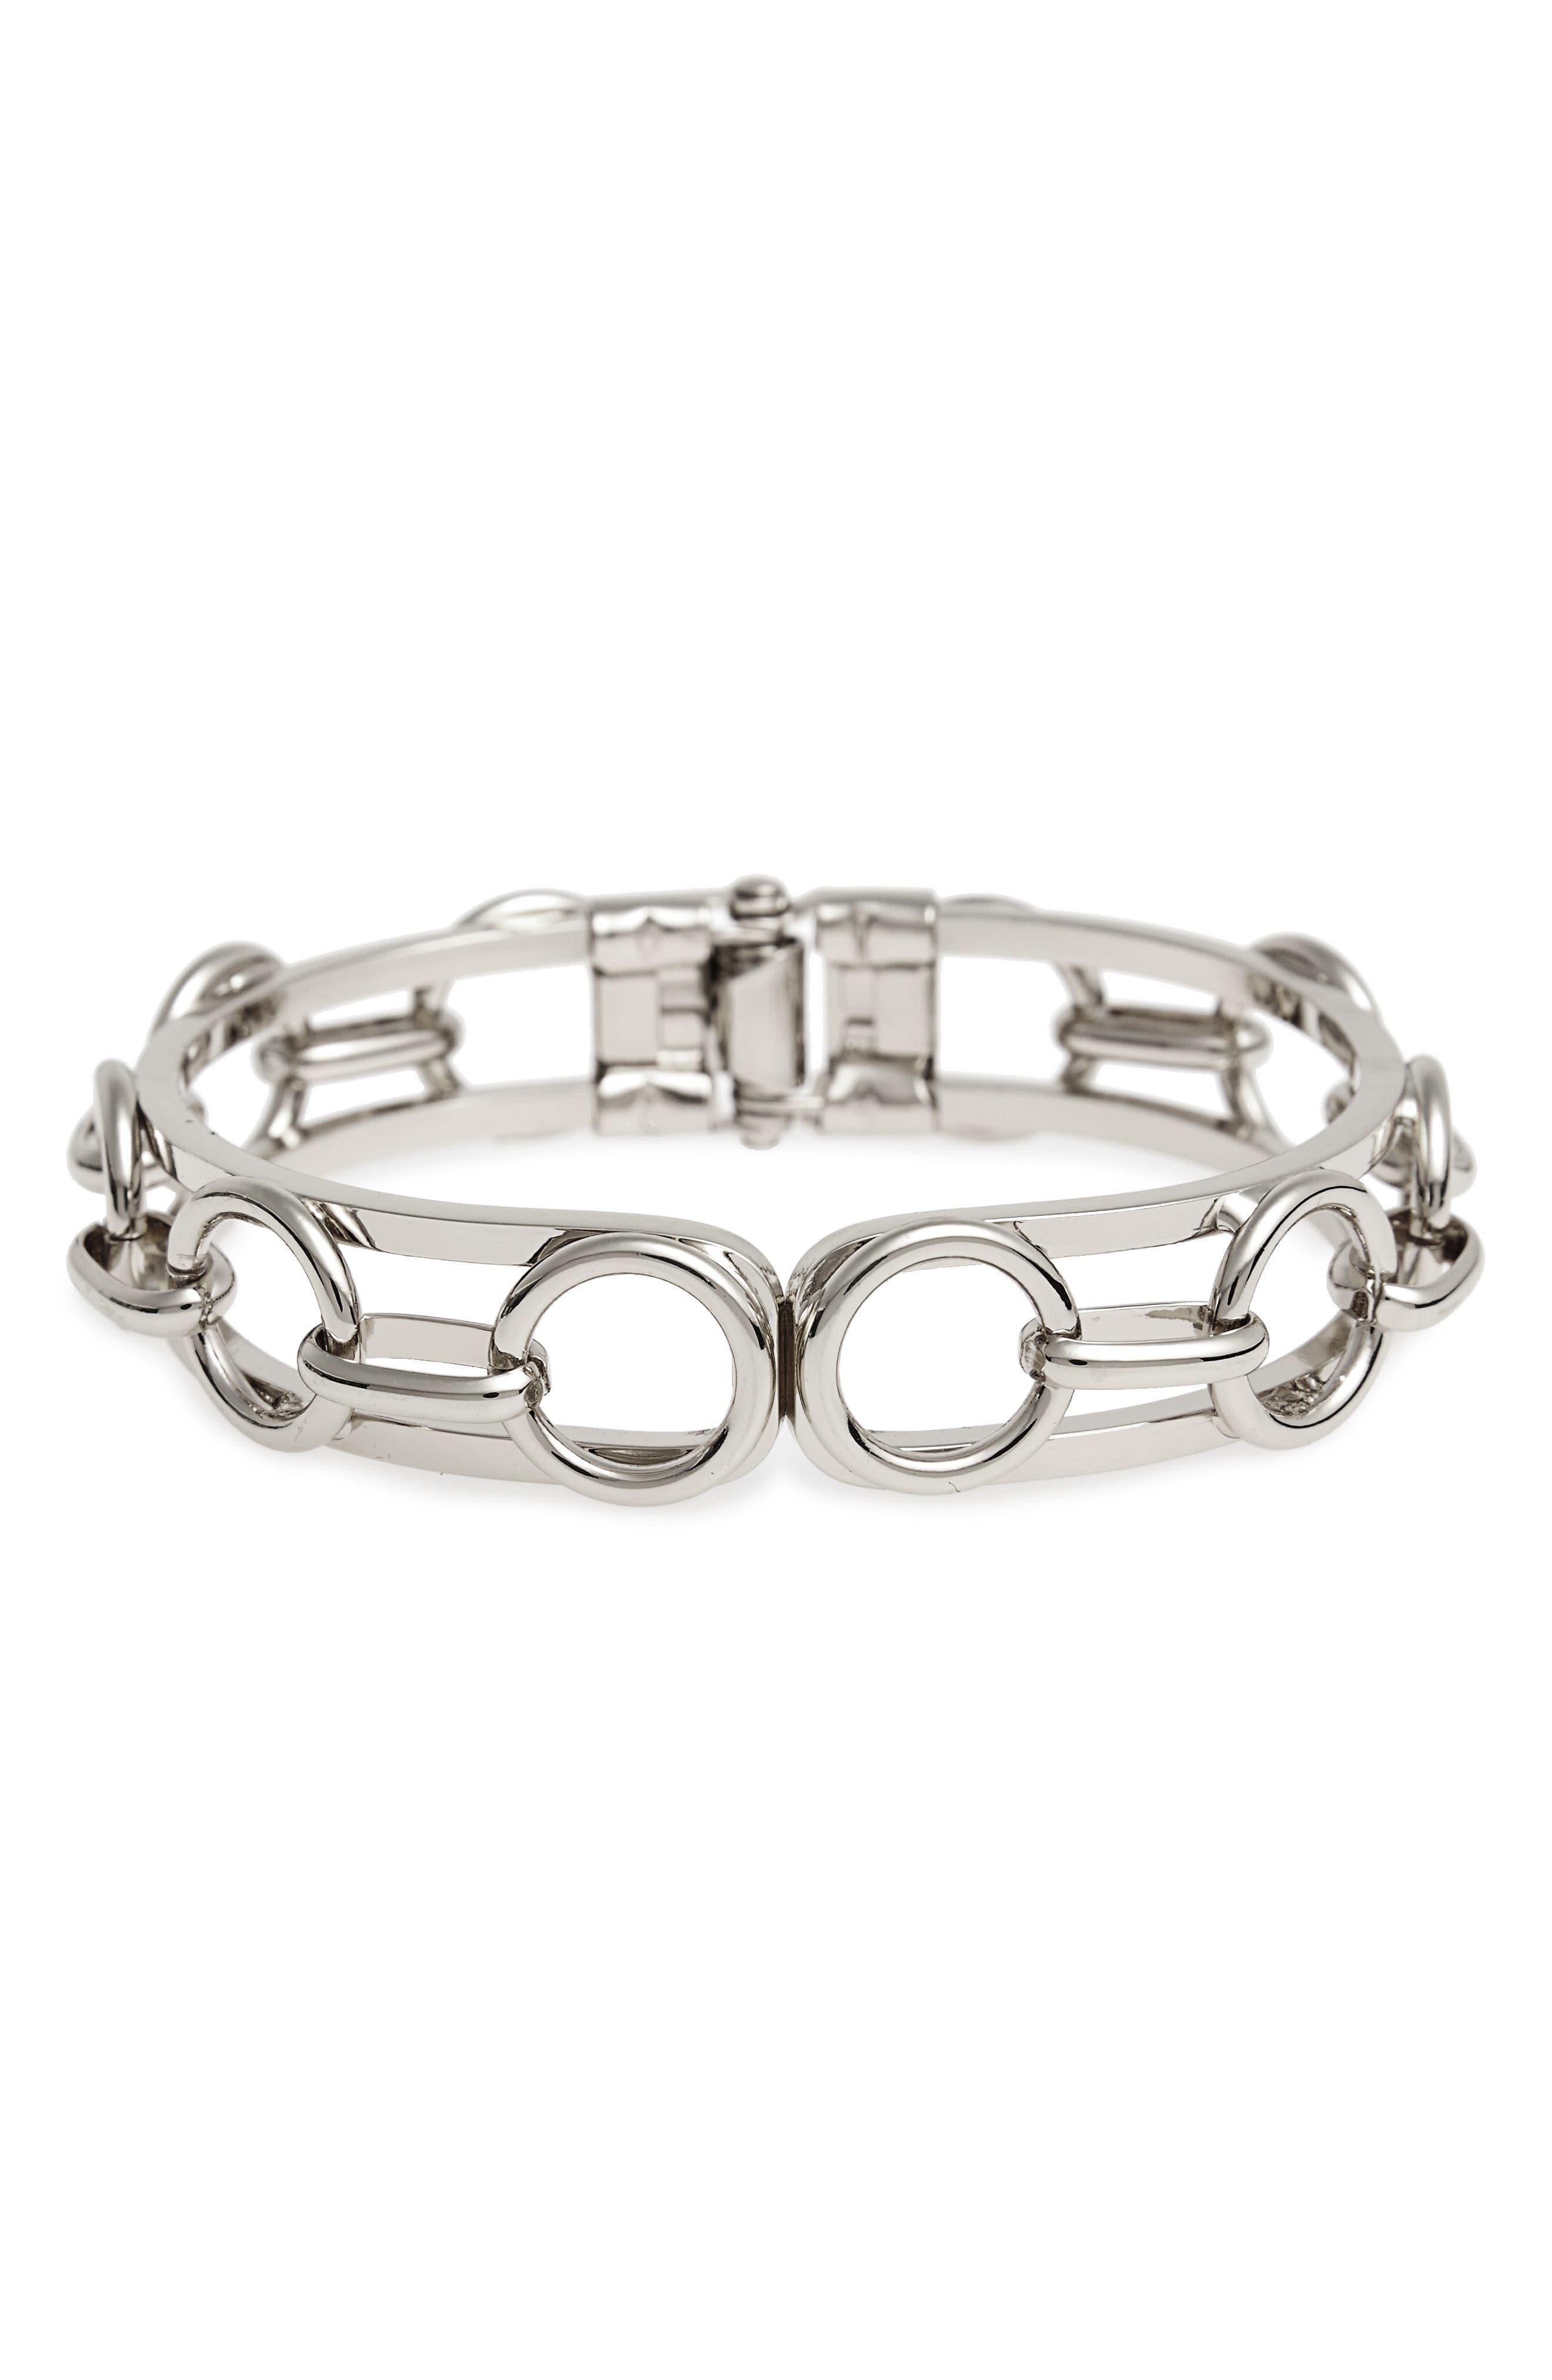 Main Image - Nordstrom Circle Link Bracelet